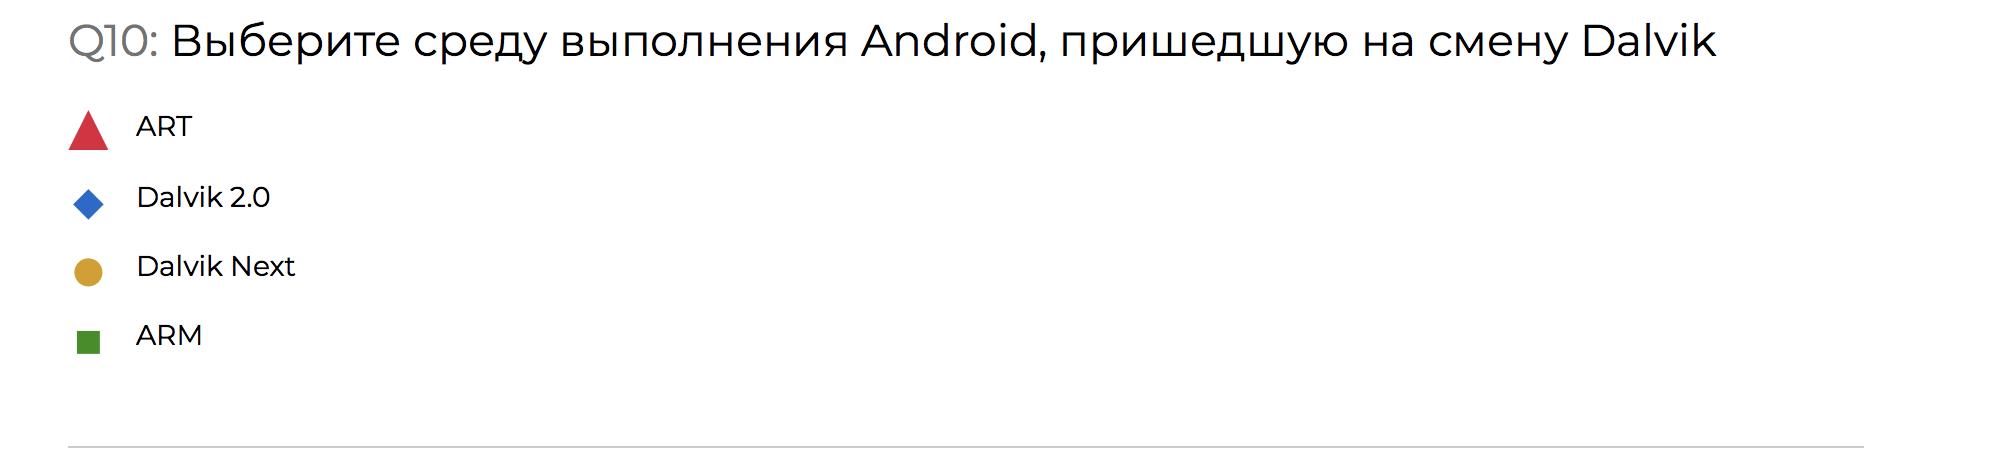 Разбор конкурса-квиза по Android со стенда HeadHunter на Mobius 2018 Moscow - 21